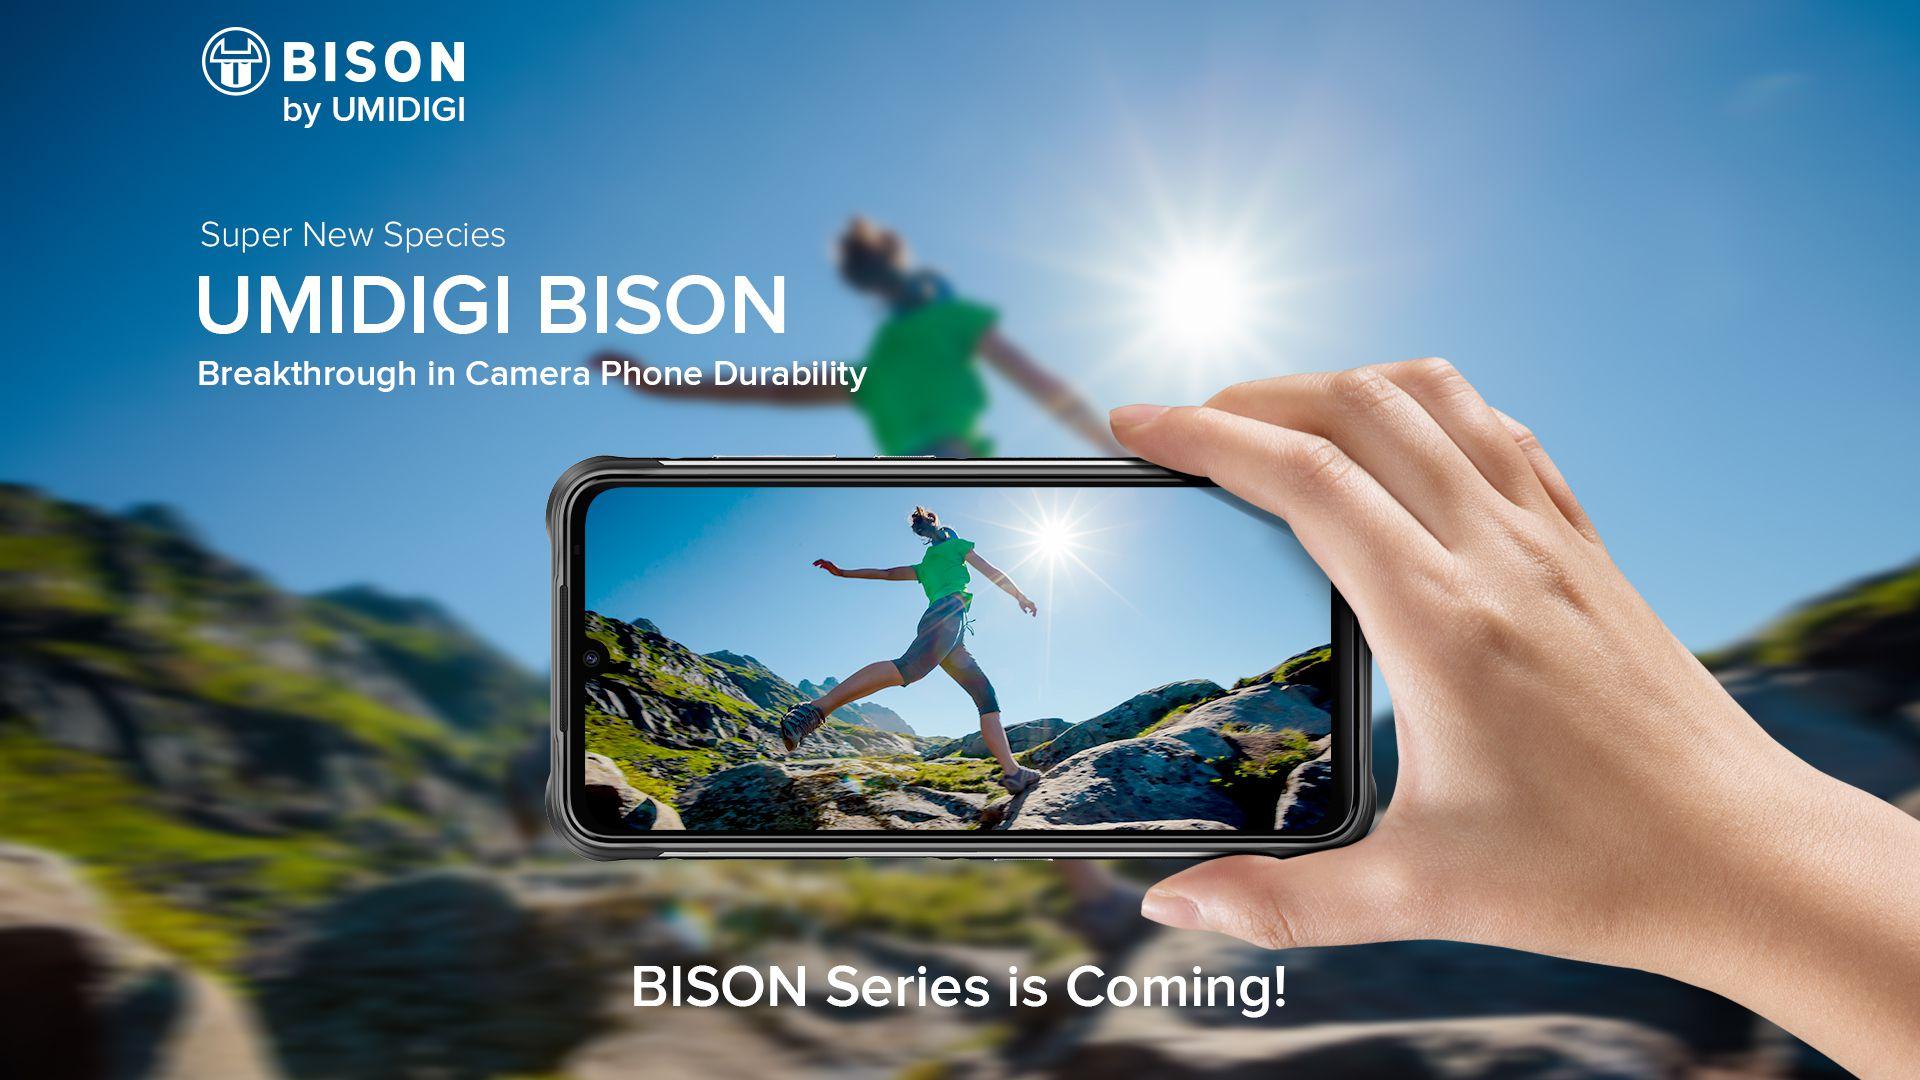 BISON sarà lo smartphone rugged di UMIDIGI con in più un design accattivante